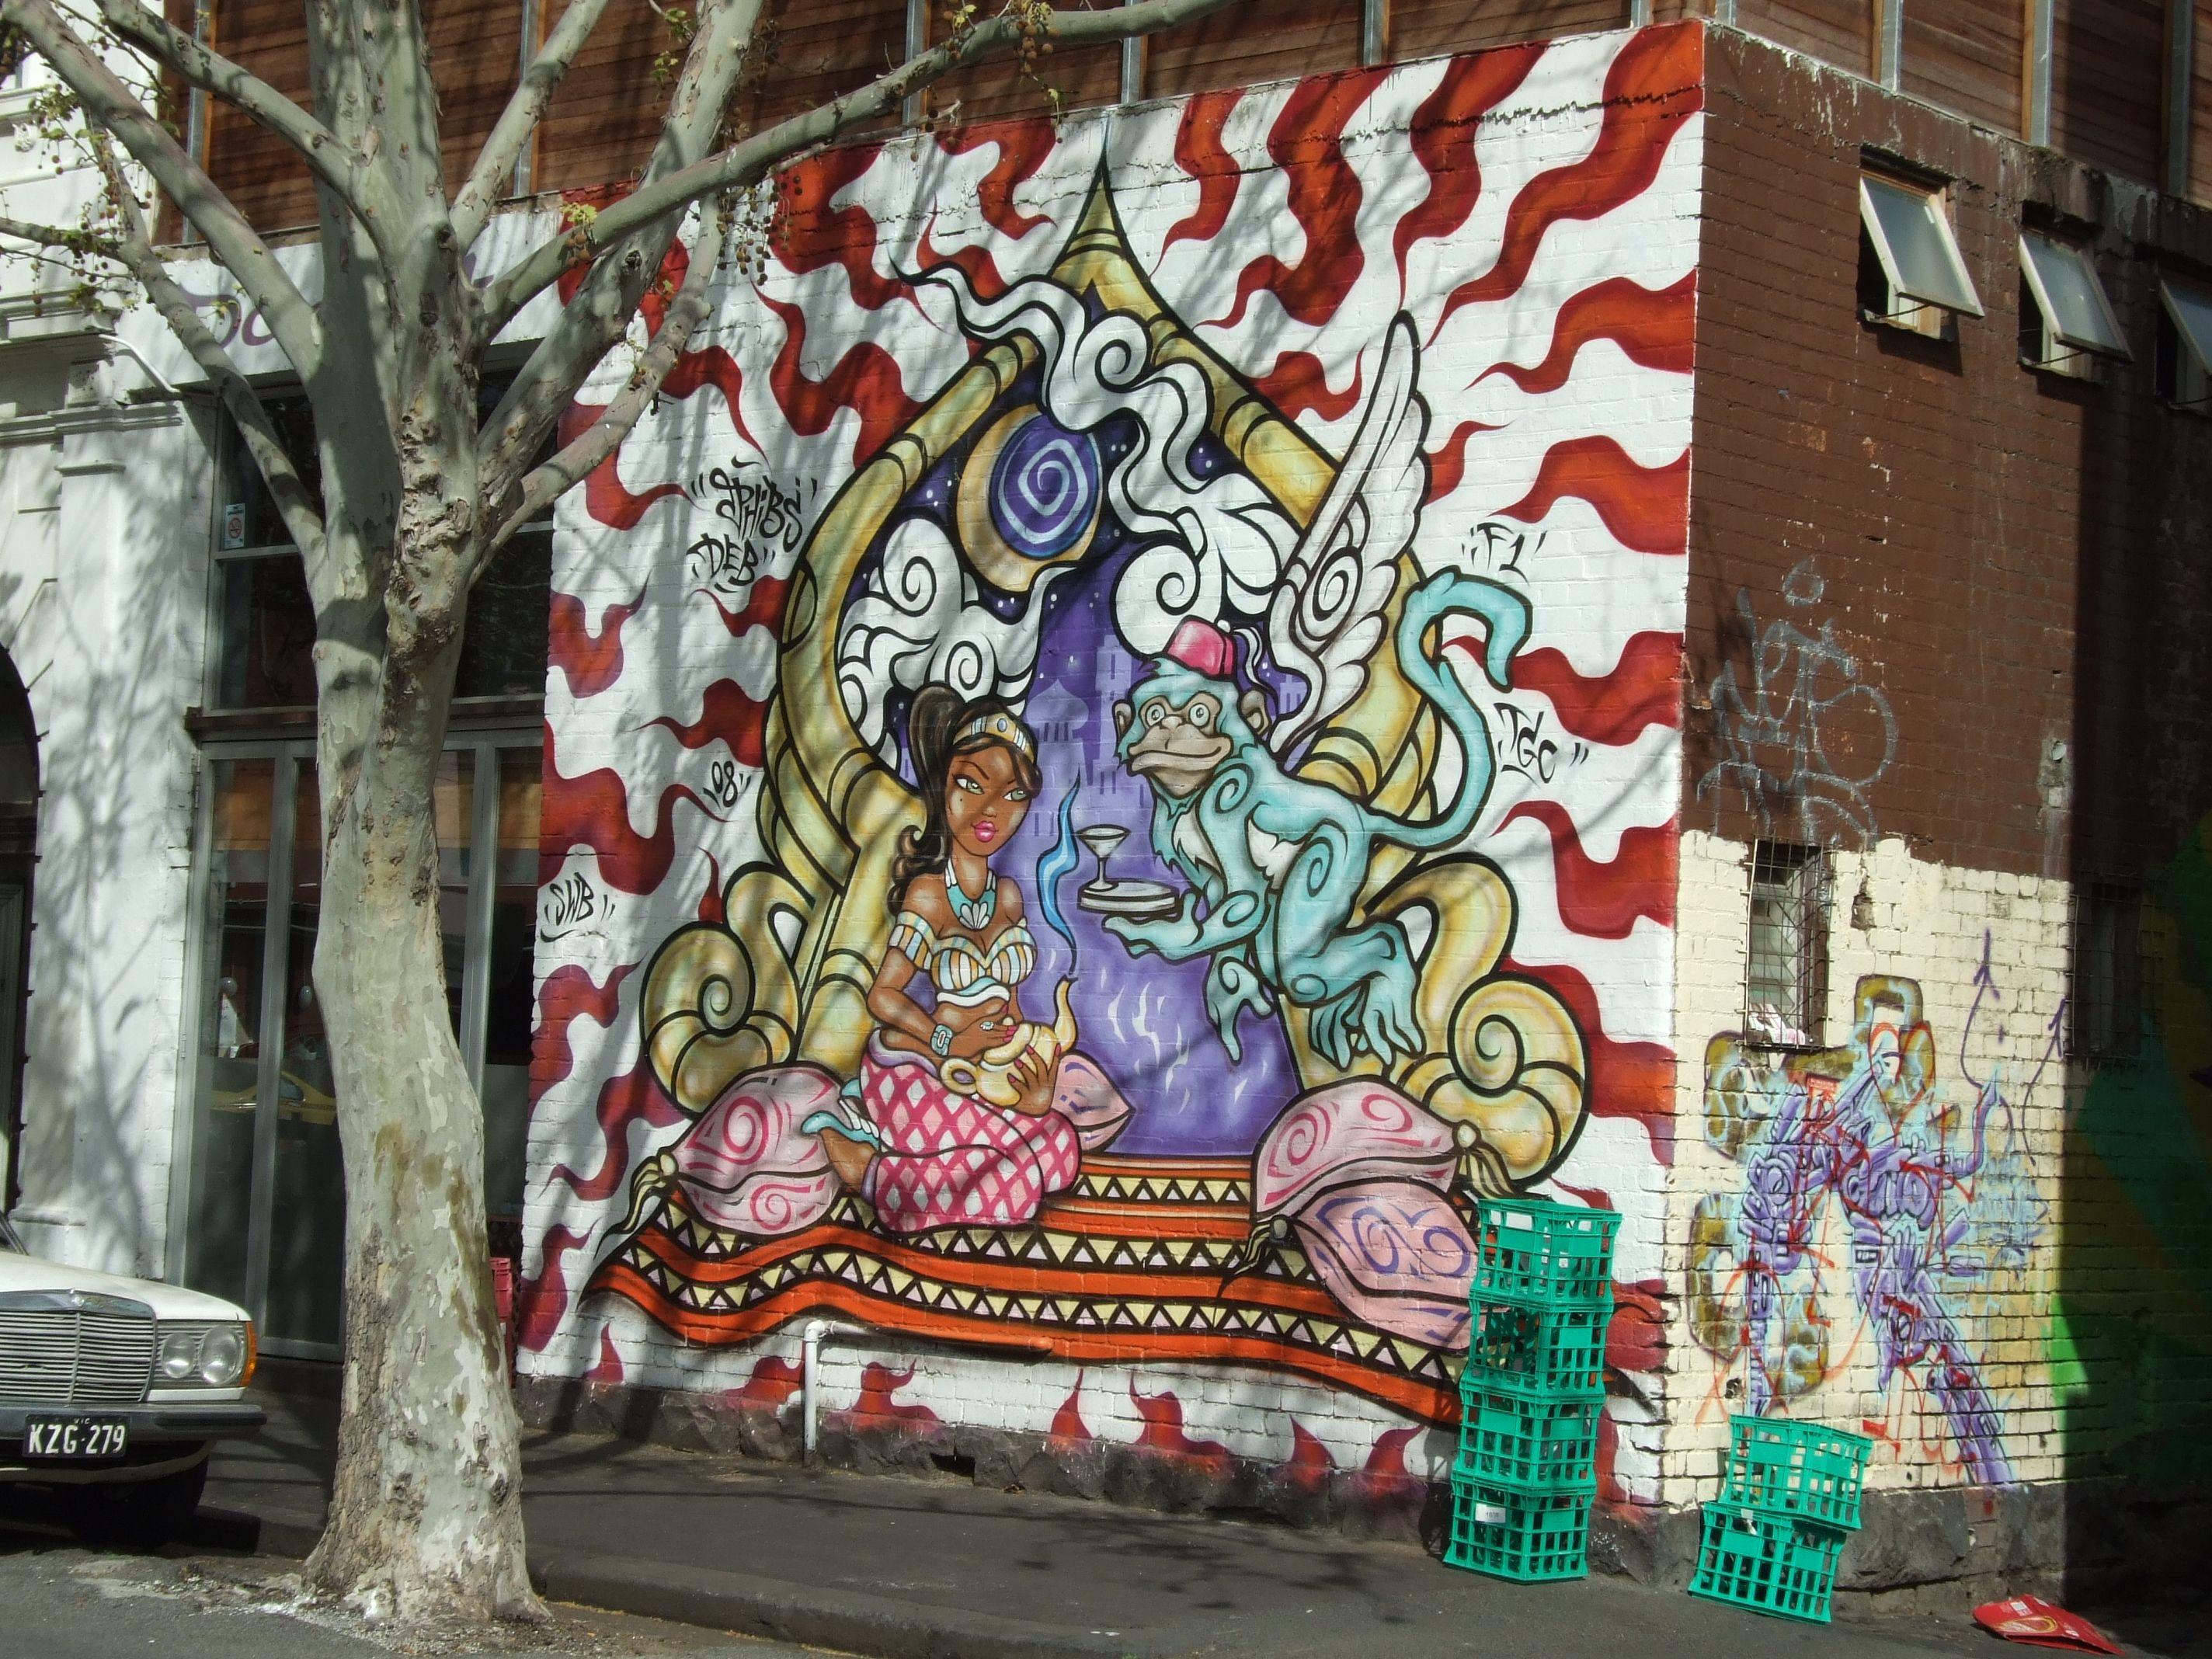 Artistic Graffiti, Melbourne Australia 2009 Taken on Fujifilm Finepix S6500 fd